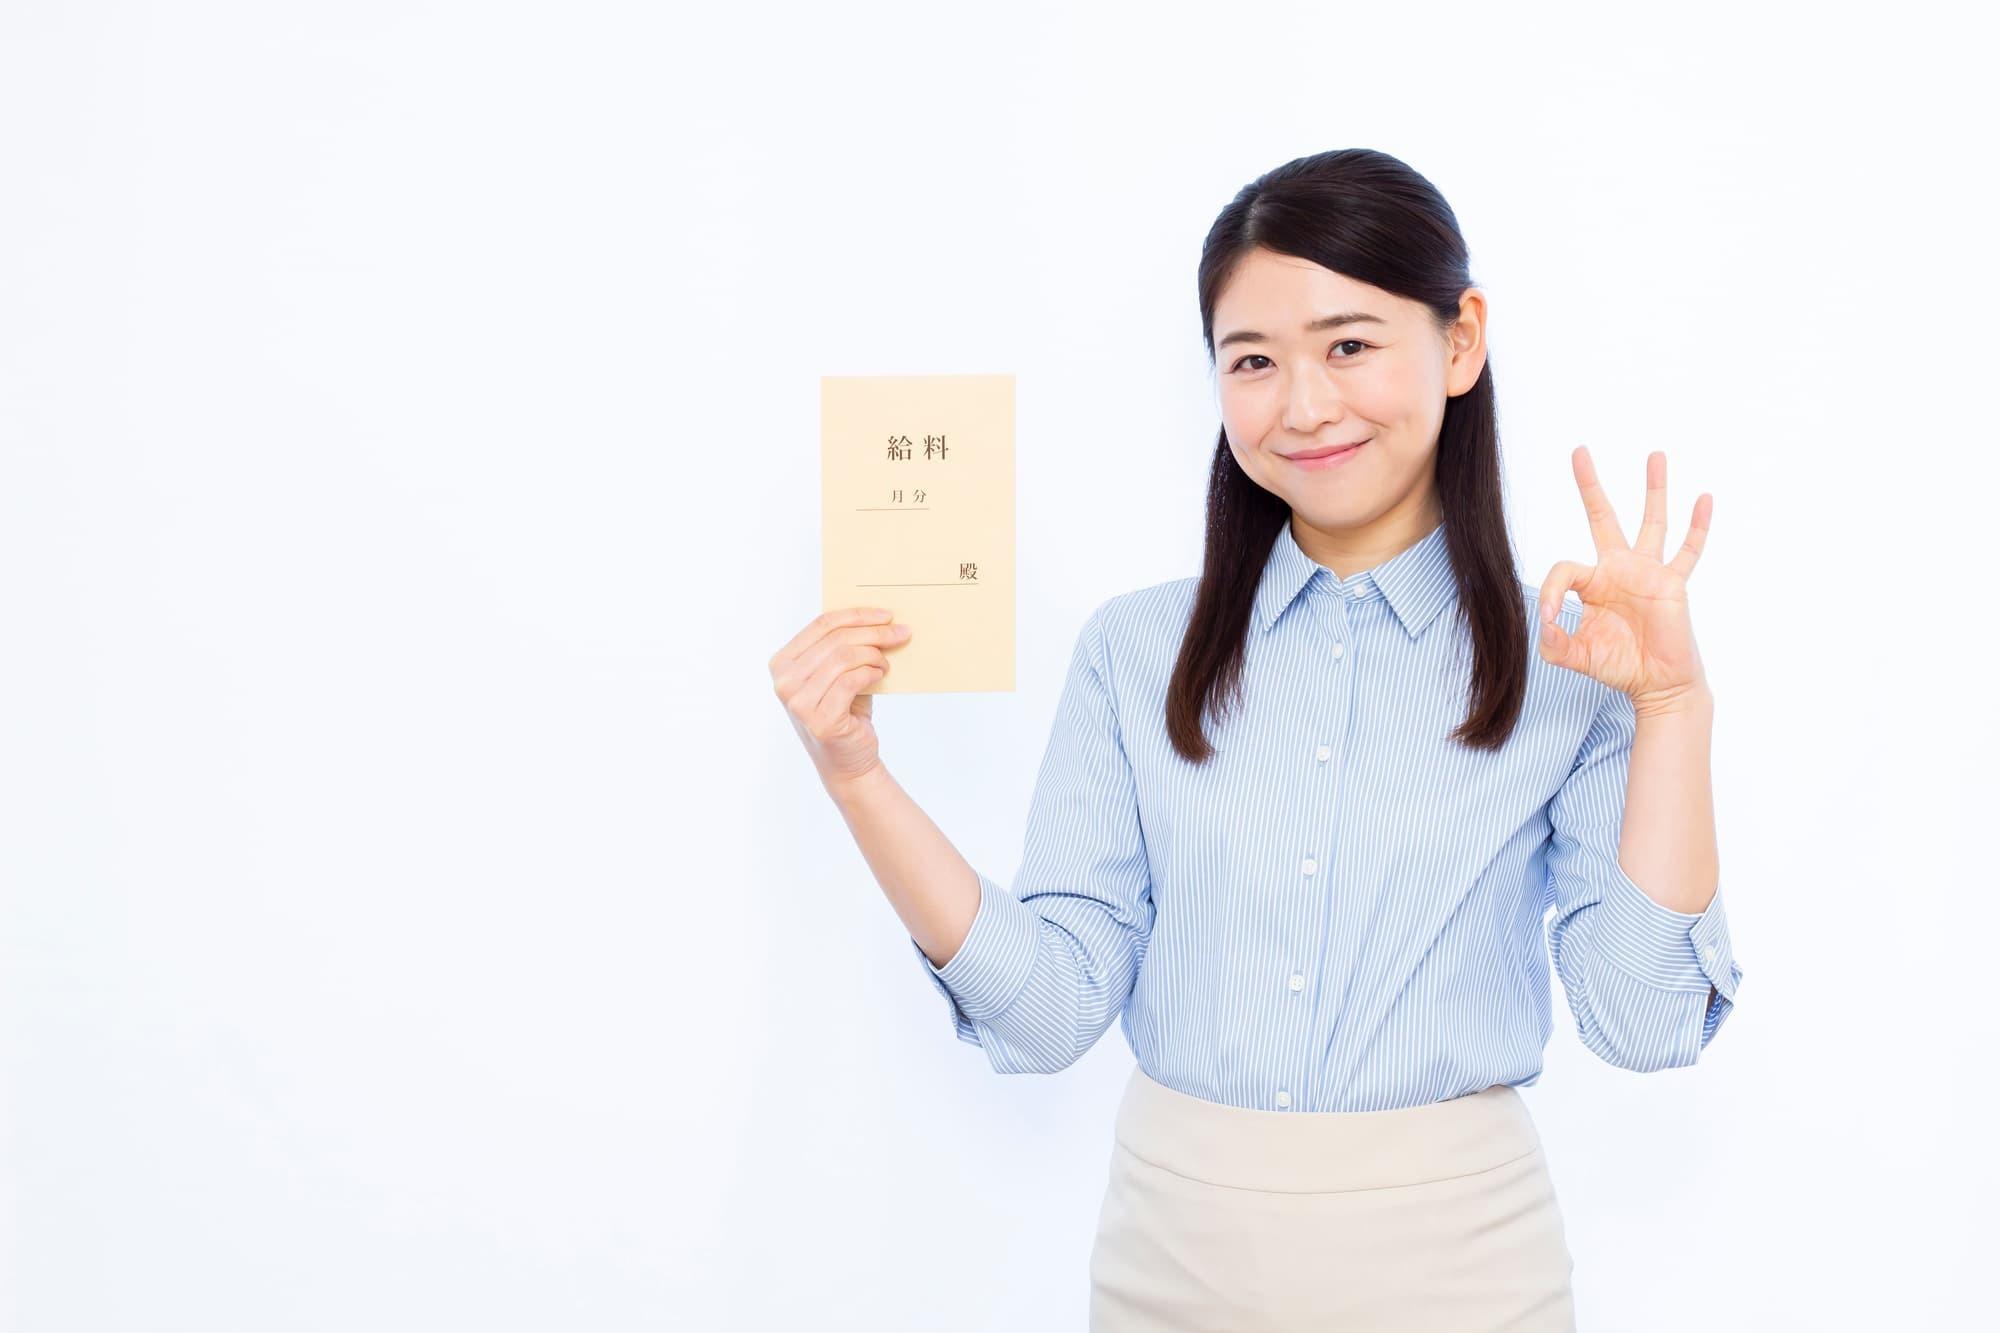 女性の年収が最も高いのは東京都。最も低いのは?